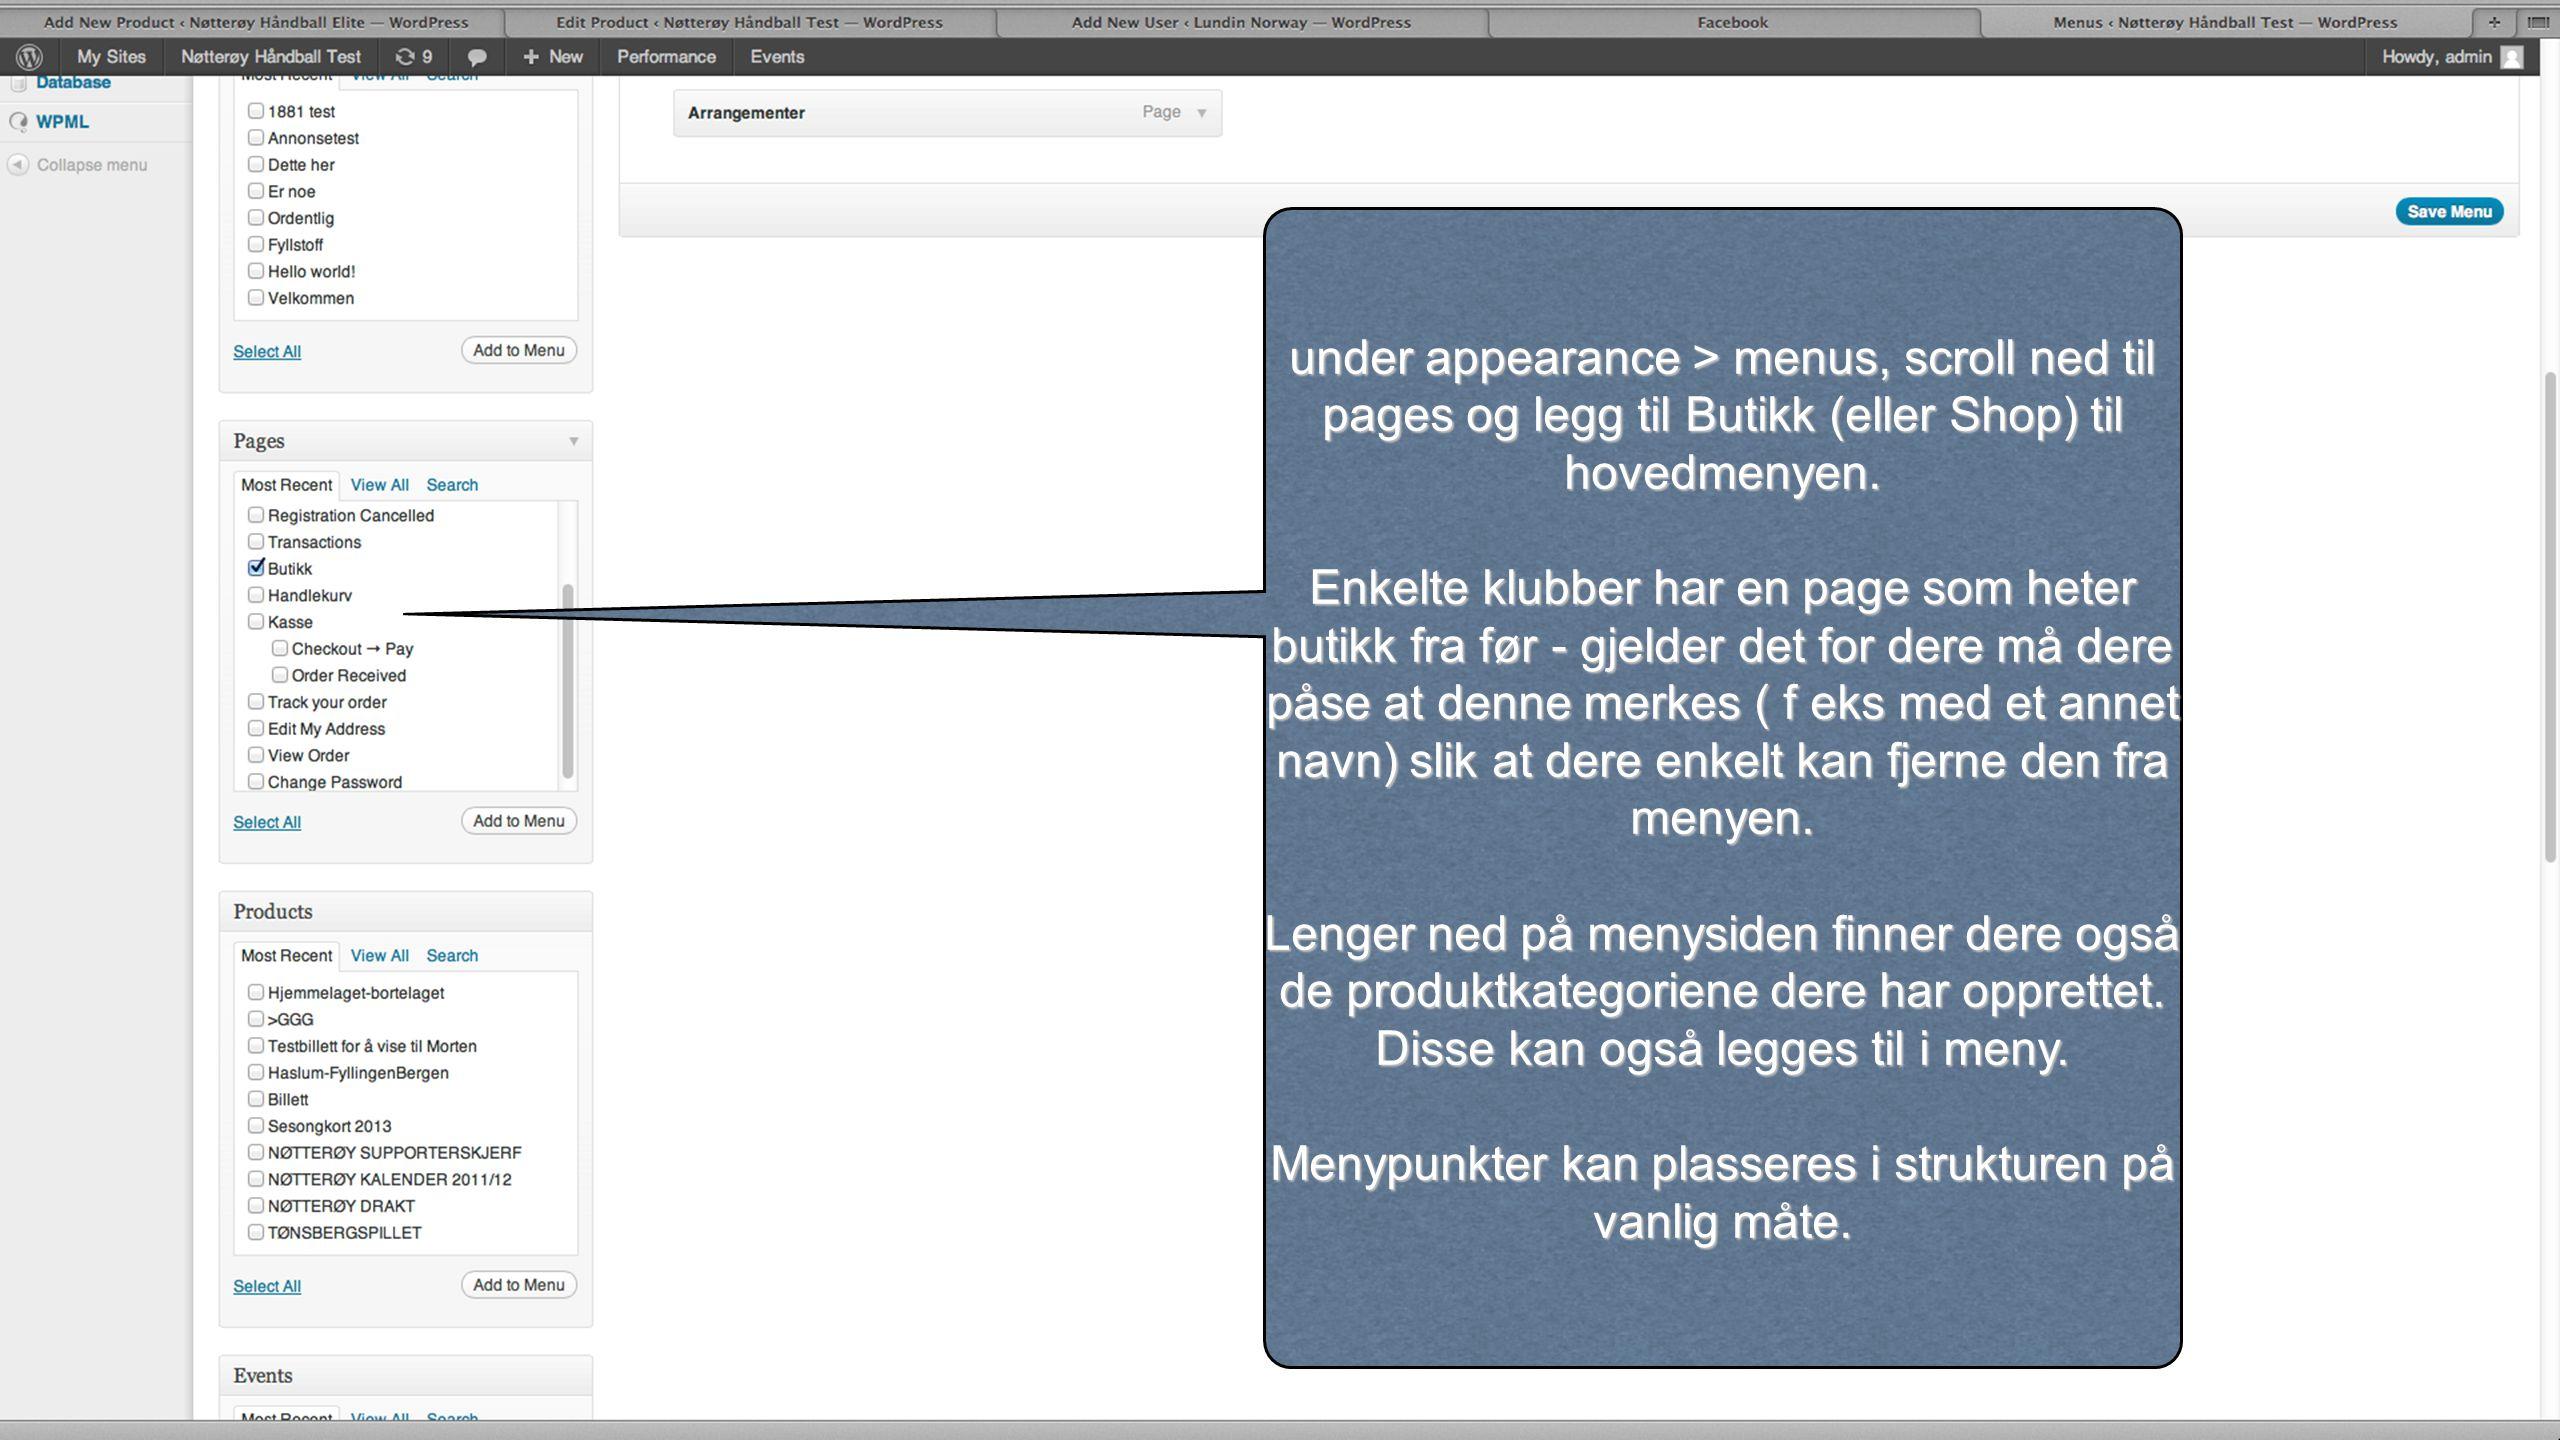 under appearance > menus, scroll ned til pages og legg til Butikk (eller Shop) til hovedmenyen. Enkelte klubber har en page som heter butikk fra før -